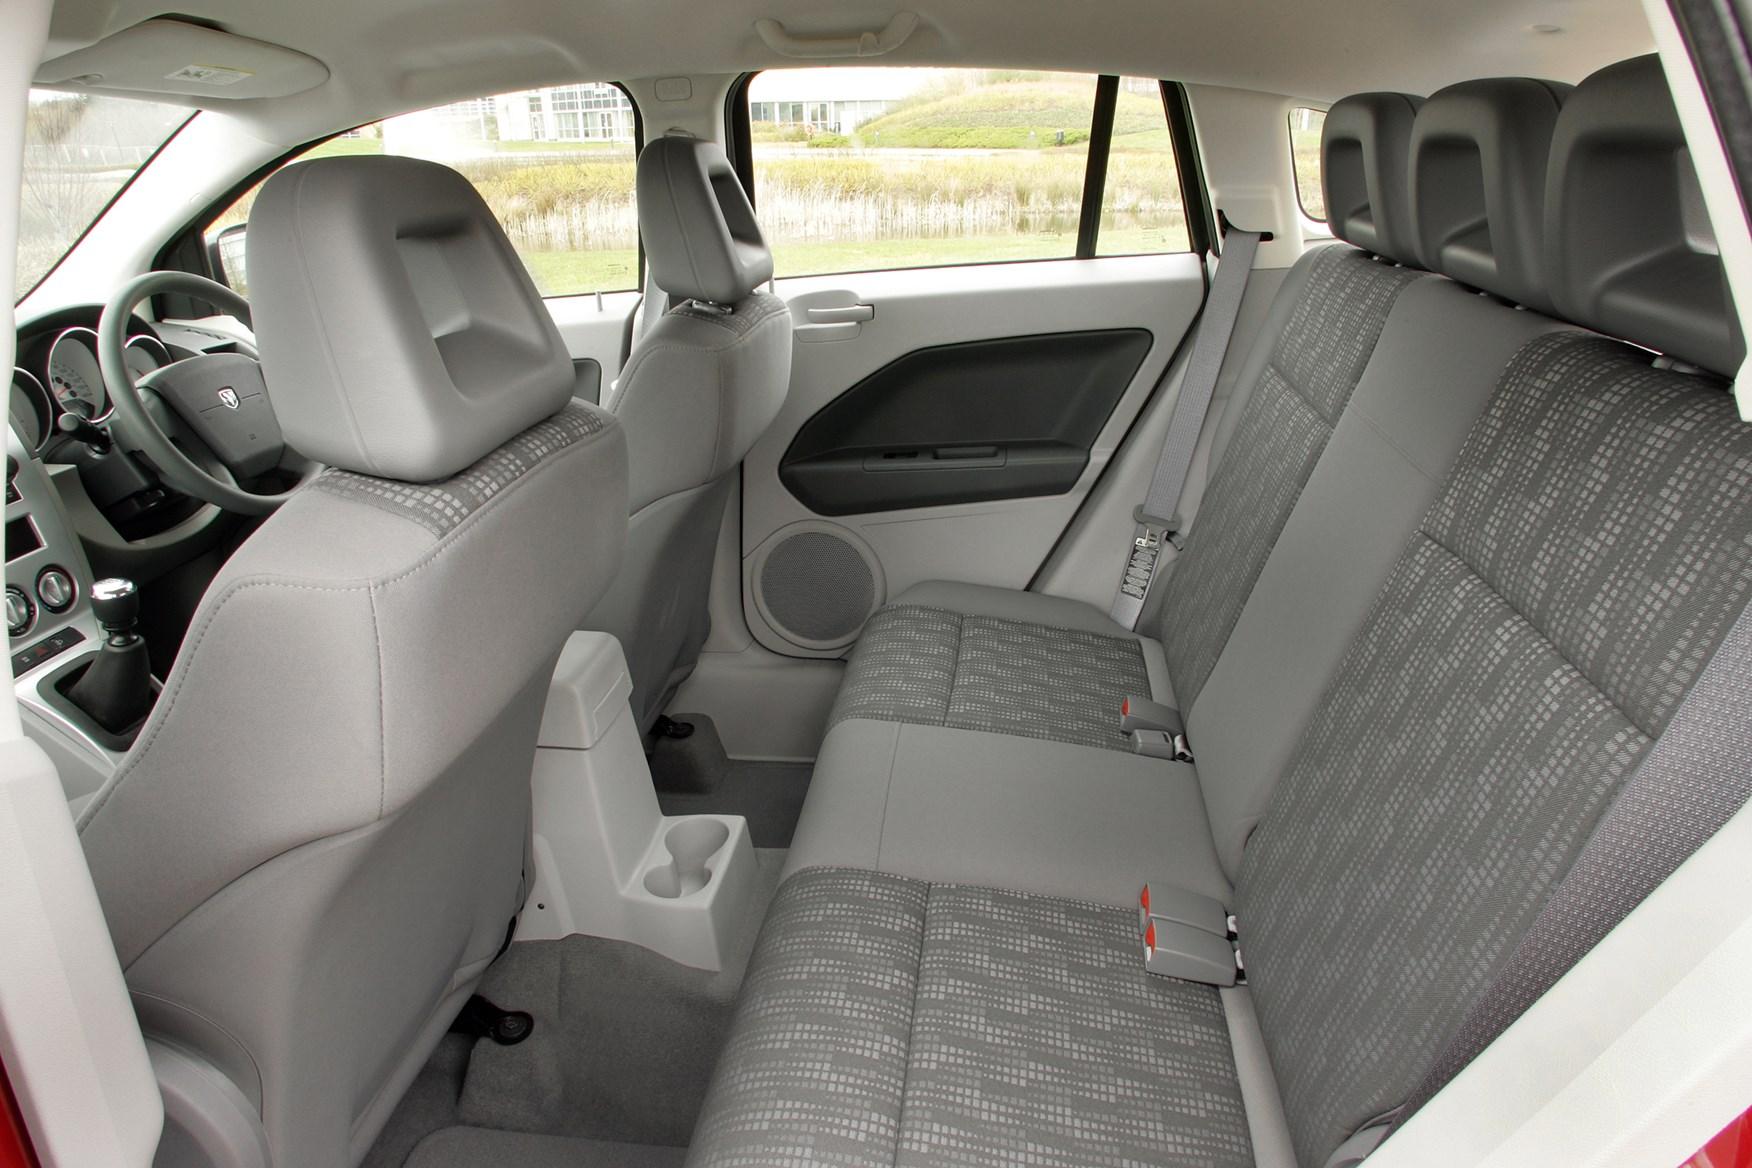 Dodge Caliber Hatchback Review (2006 - 2009) | Parkers